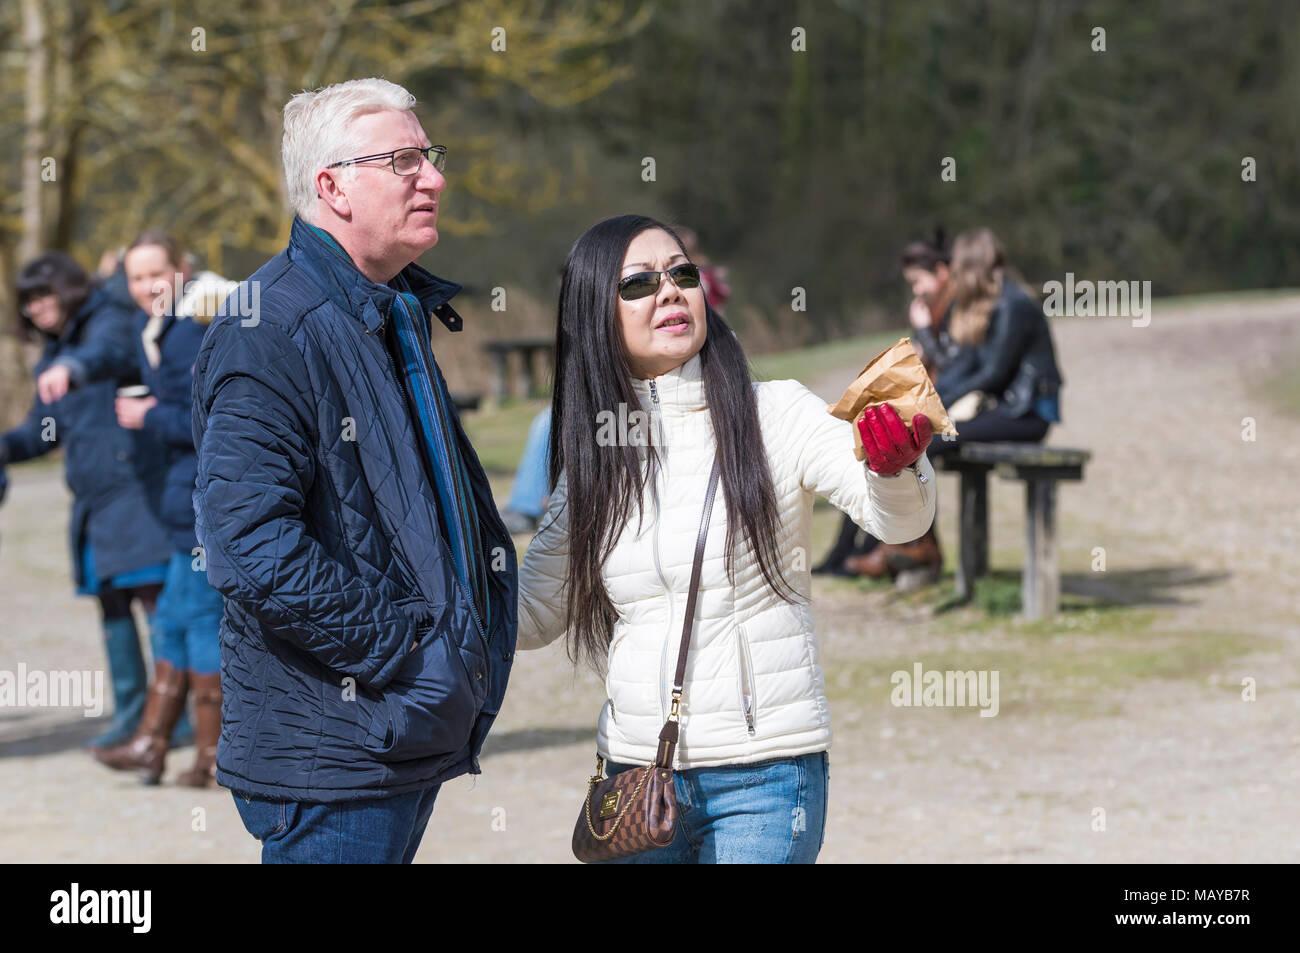 Persone di mezza età razza mista coppia insieme in Inghilterra, Regno Unito. Etnia miste giovane. Immagini Stock